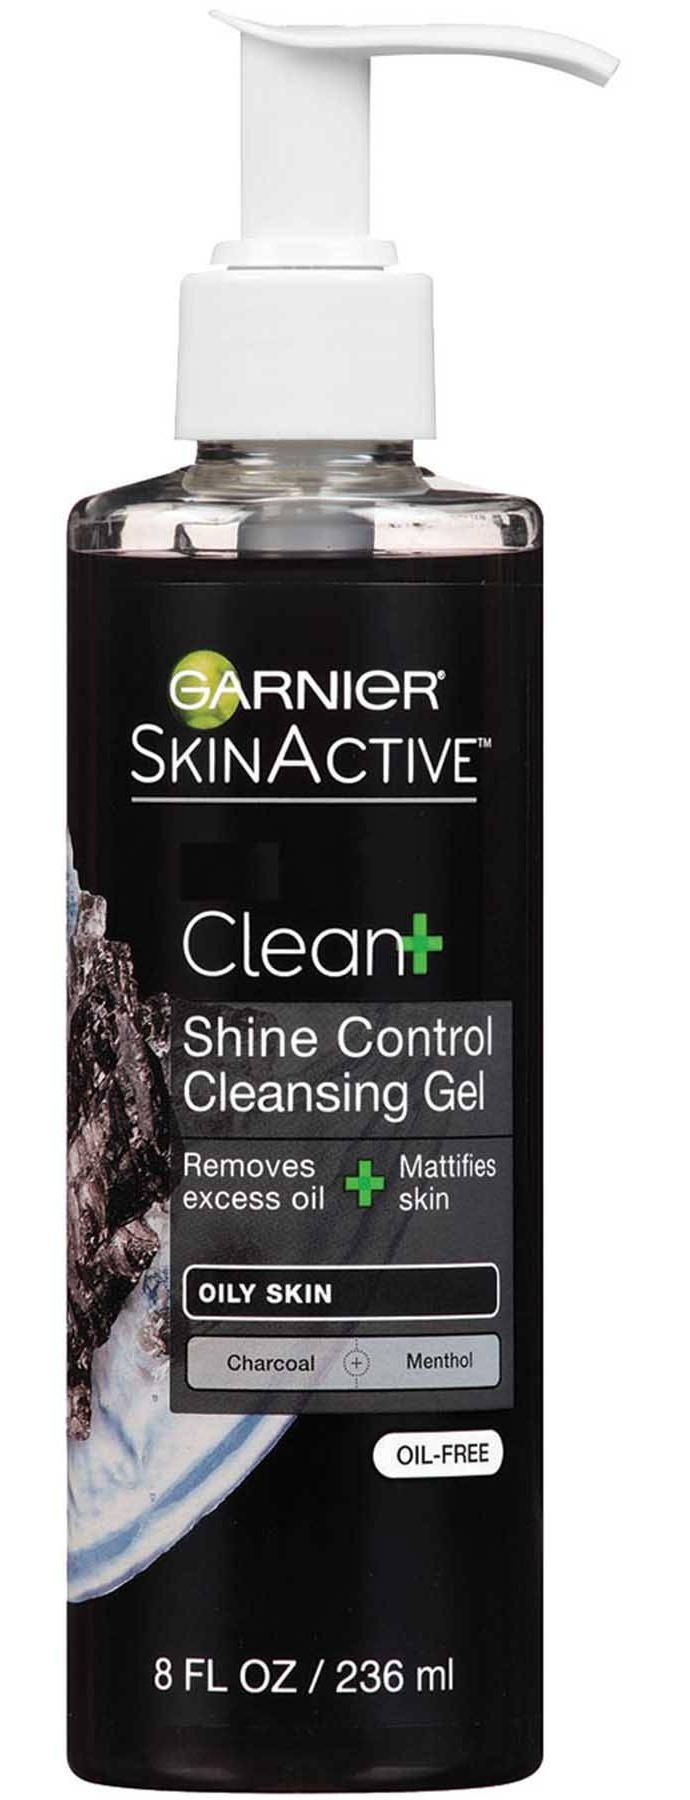 Garnier Skinactive Charcoal Cleansing Gel